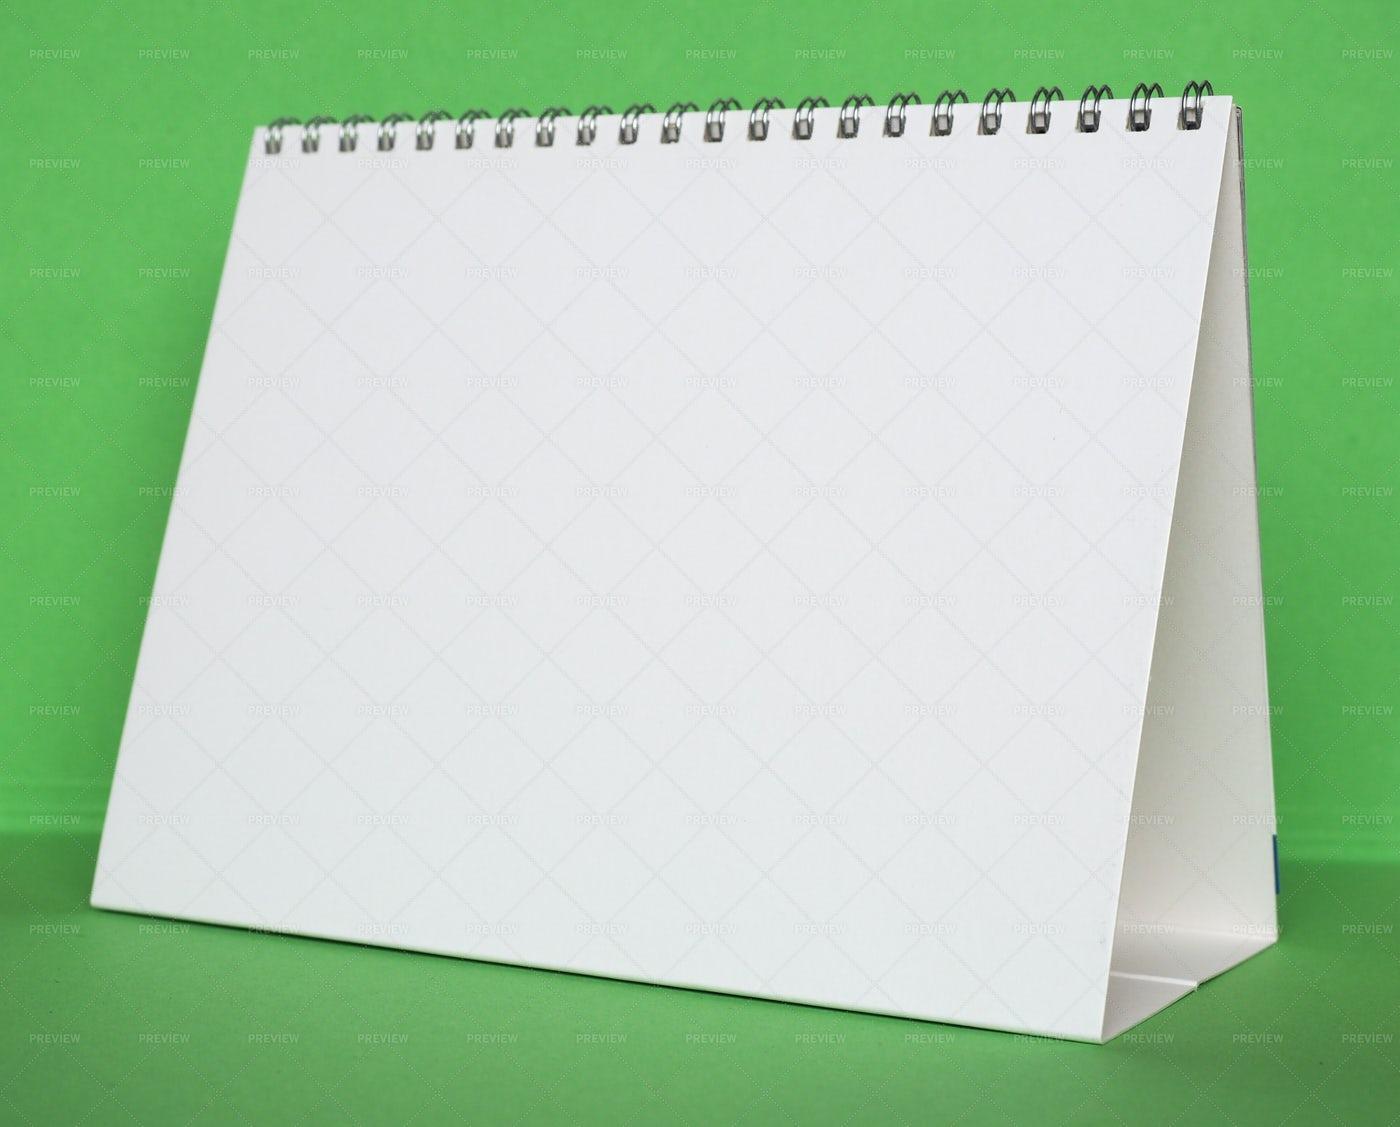 Blank Calendar Page: Stock Photos